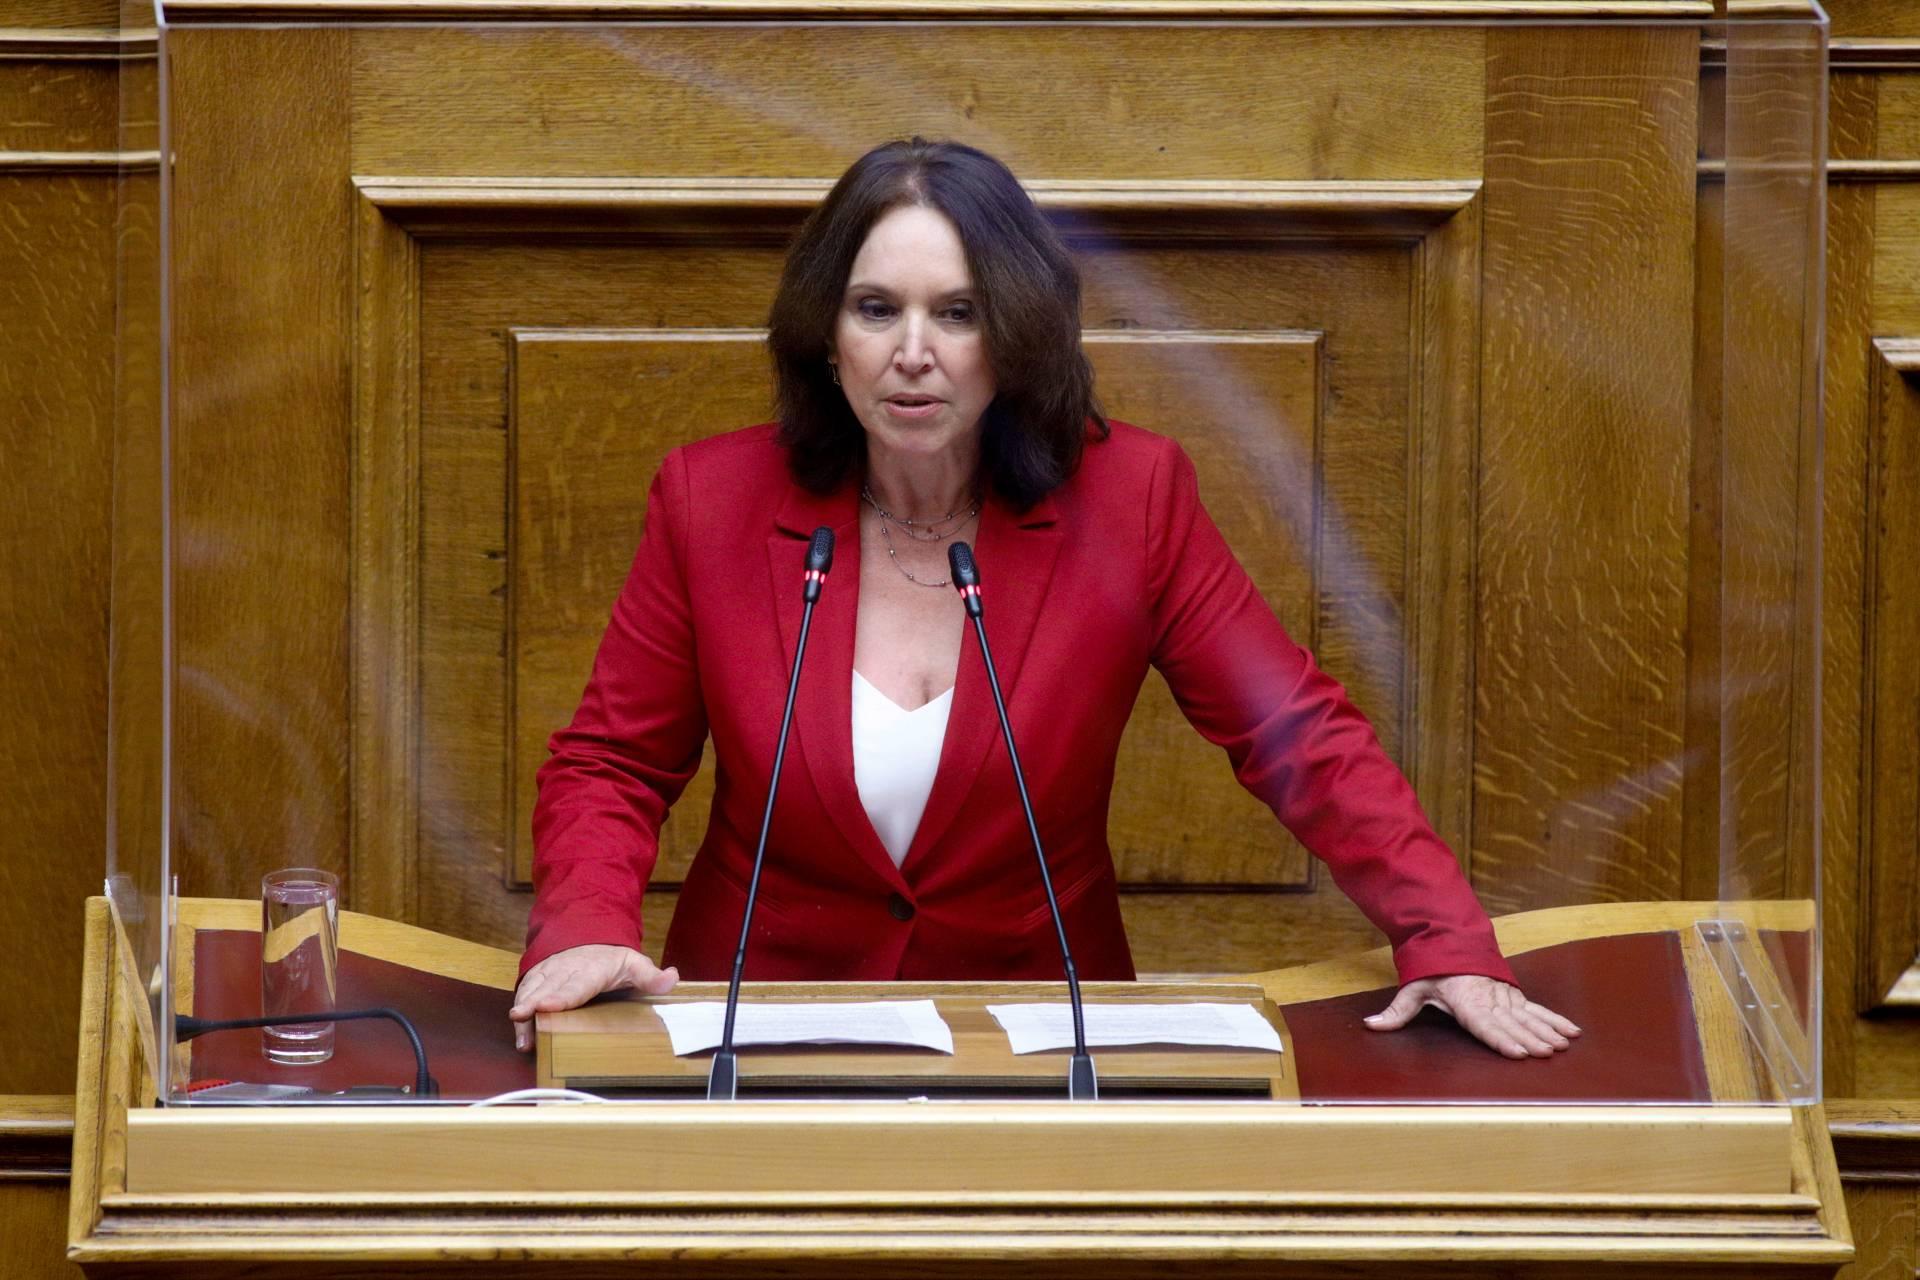 Καλλιόπη Βέττα: «Οι σιτοπαραγωγοί της Π.Ε. Κοζάνης πρέπει να αποζημιωθούν για τη φετινή μειωμένη συγκομιδή – Κατάθεση κοινοβουλευτικής ερώτησης»